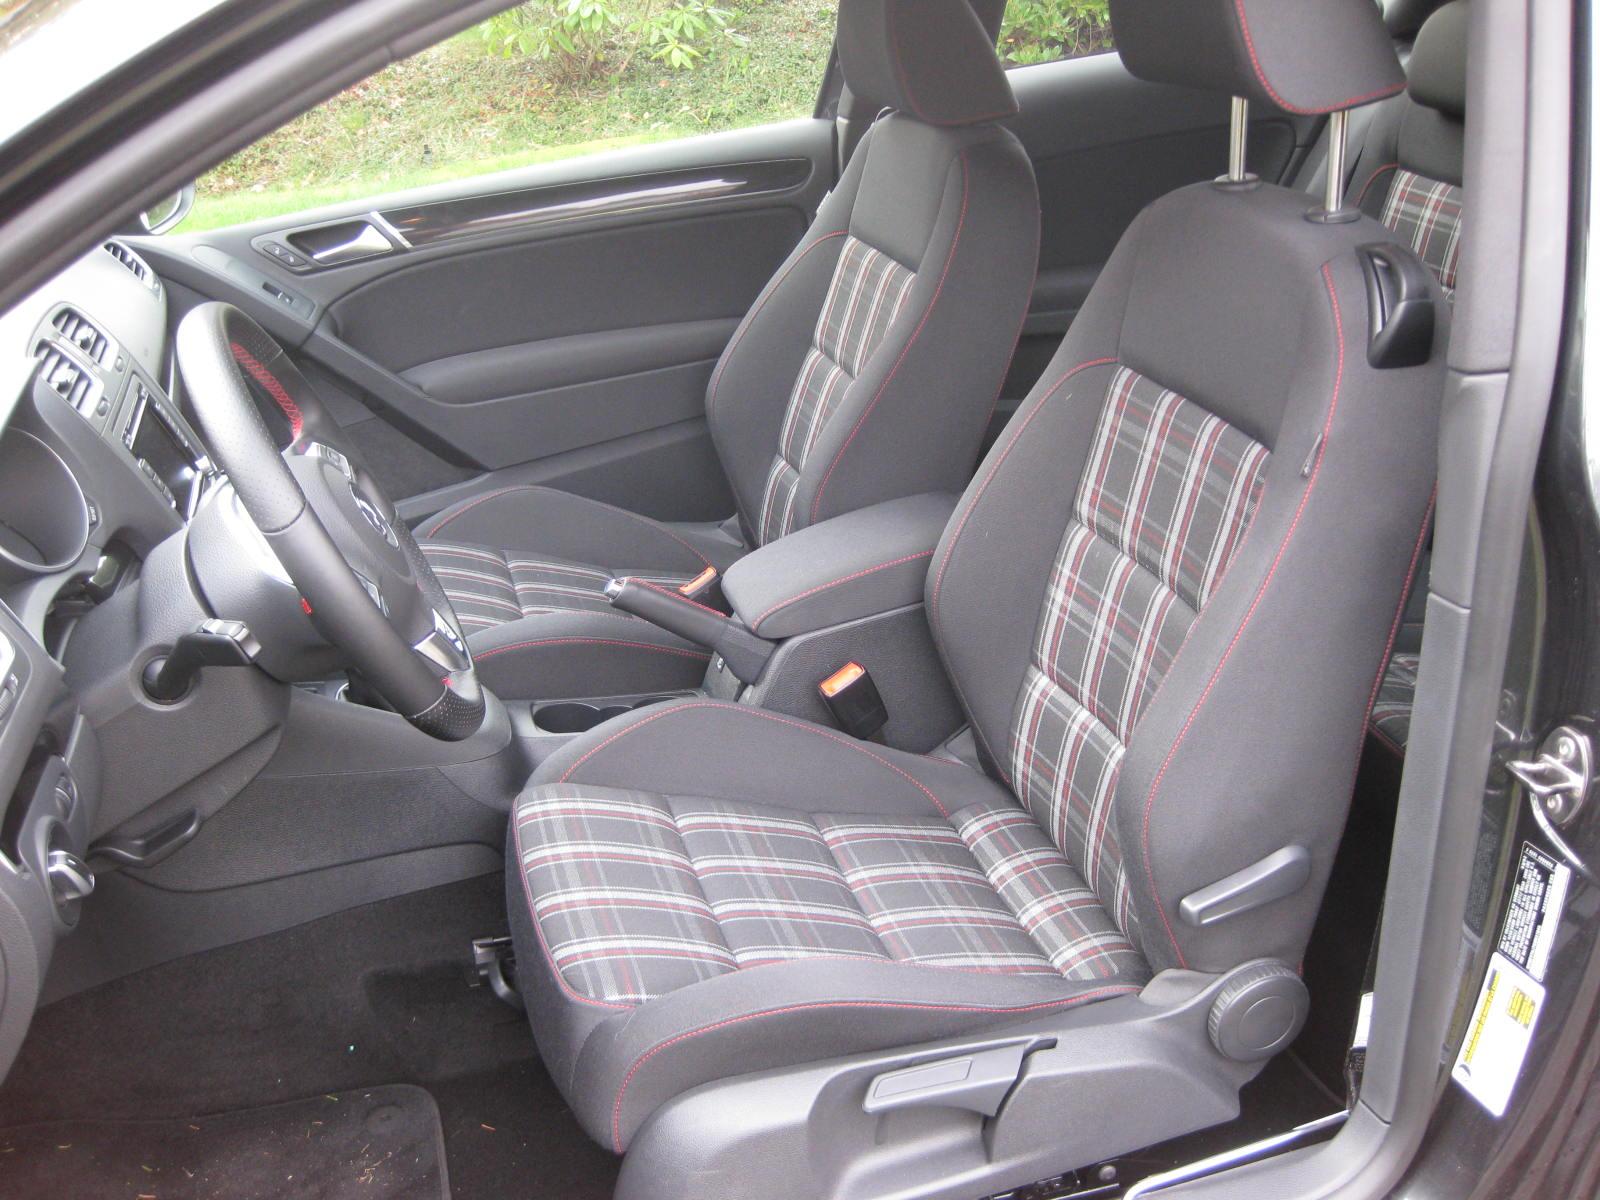 2010 Volkswagen GTI Review - Autosavant | Autosavant